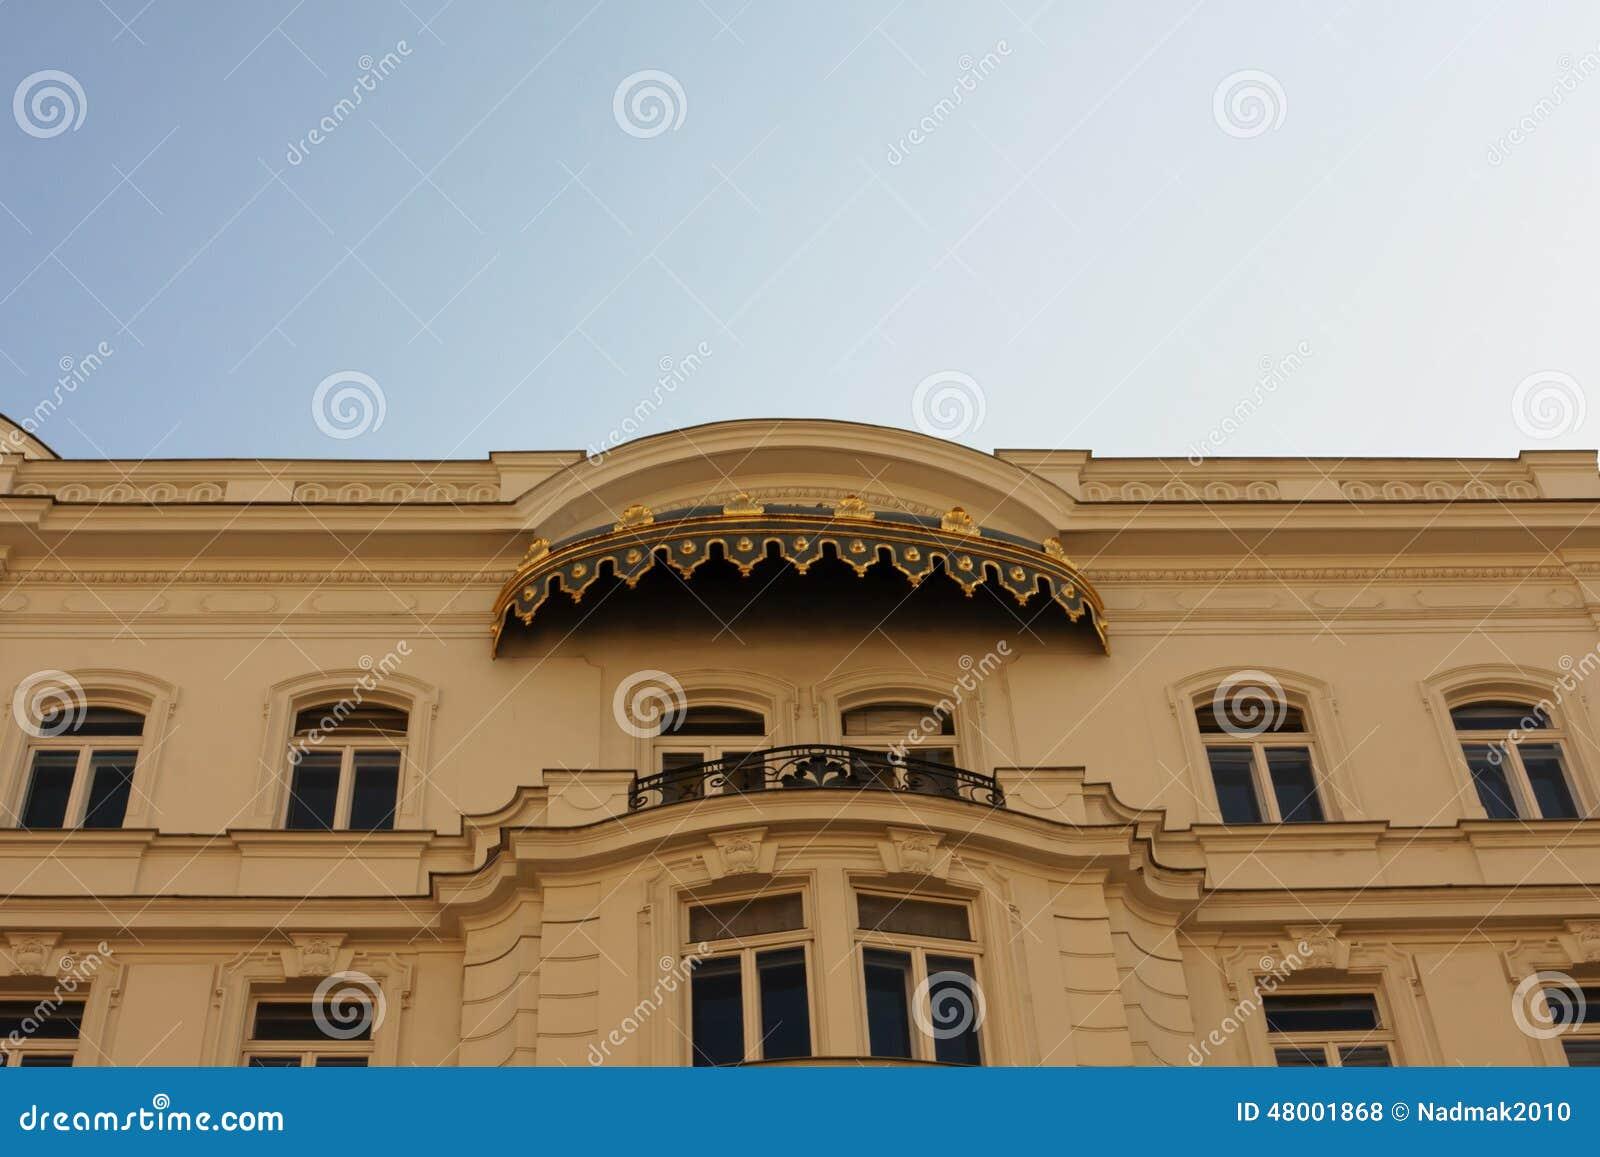 Auvent Balcon concernant vieille maison avec un balcon et un auvent au-dessus de lui photo